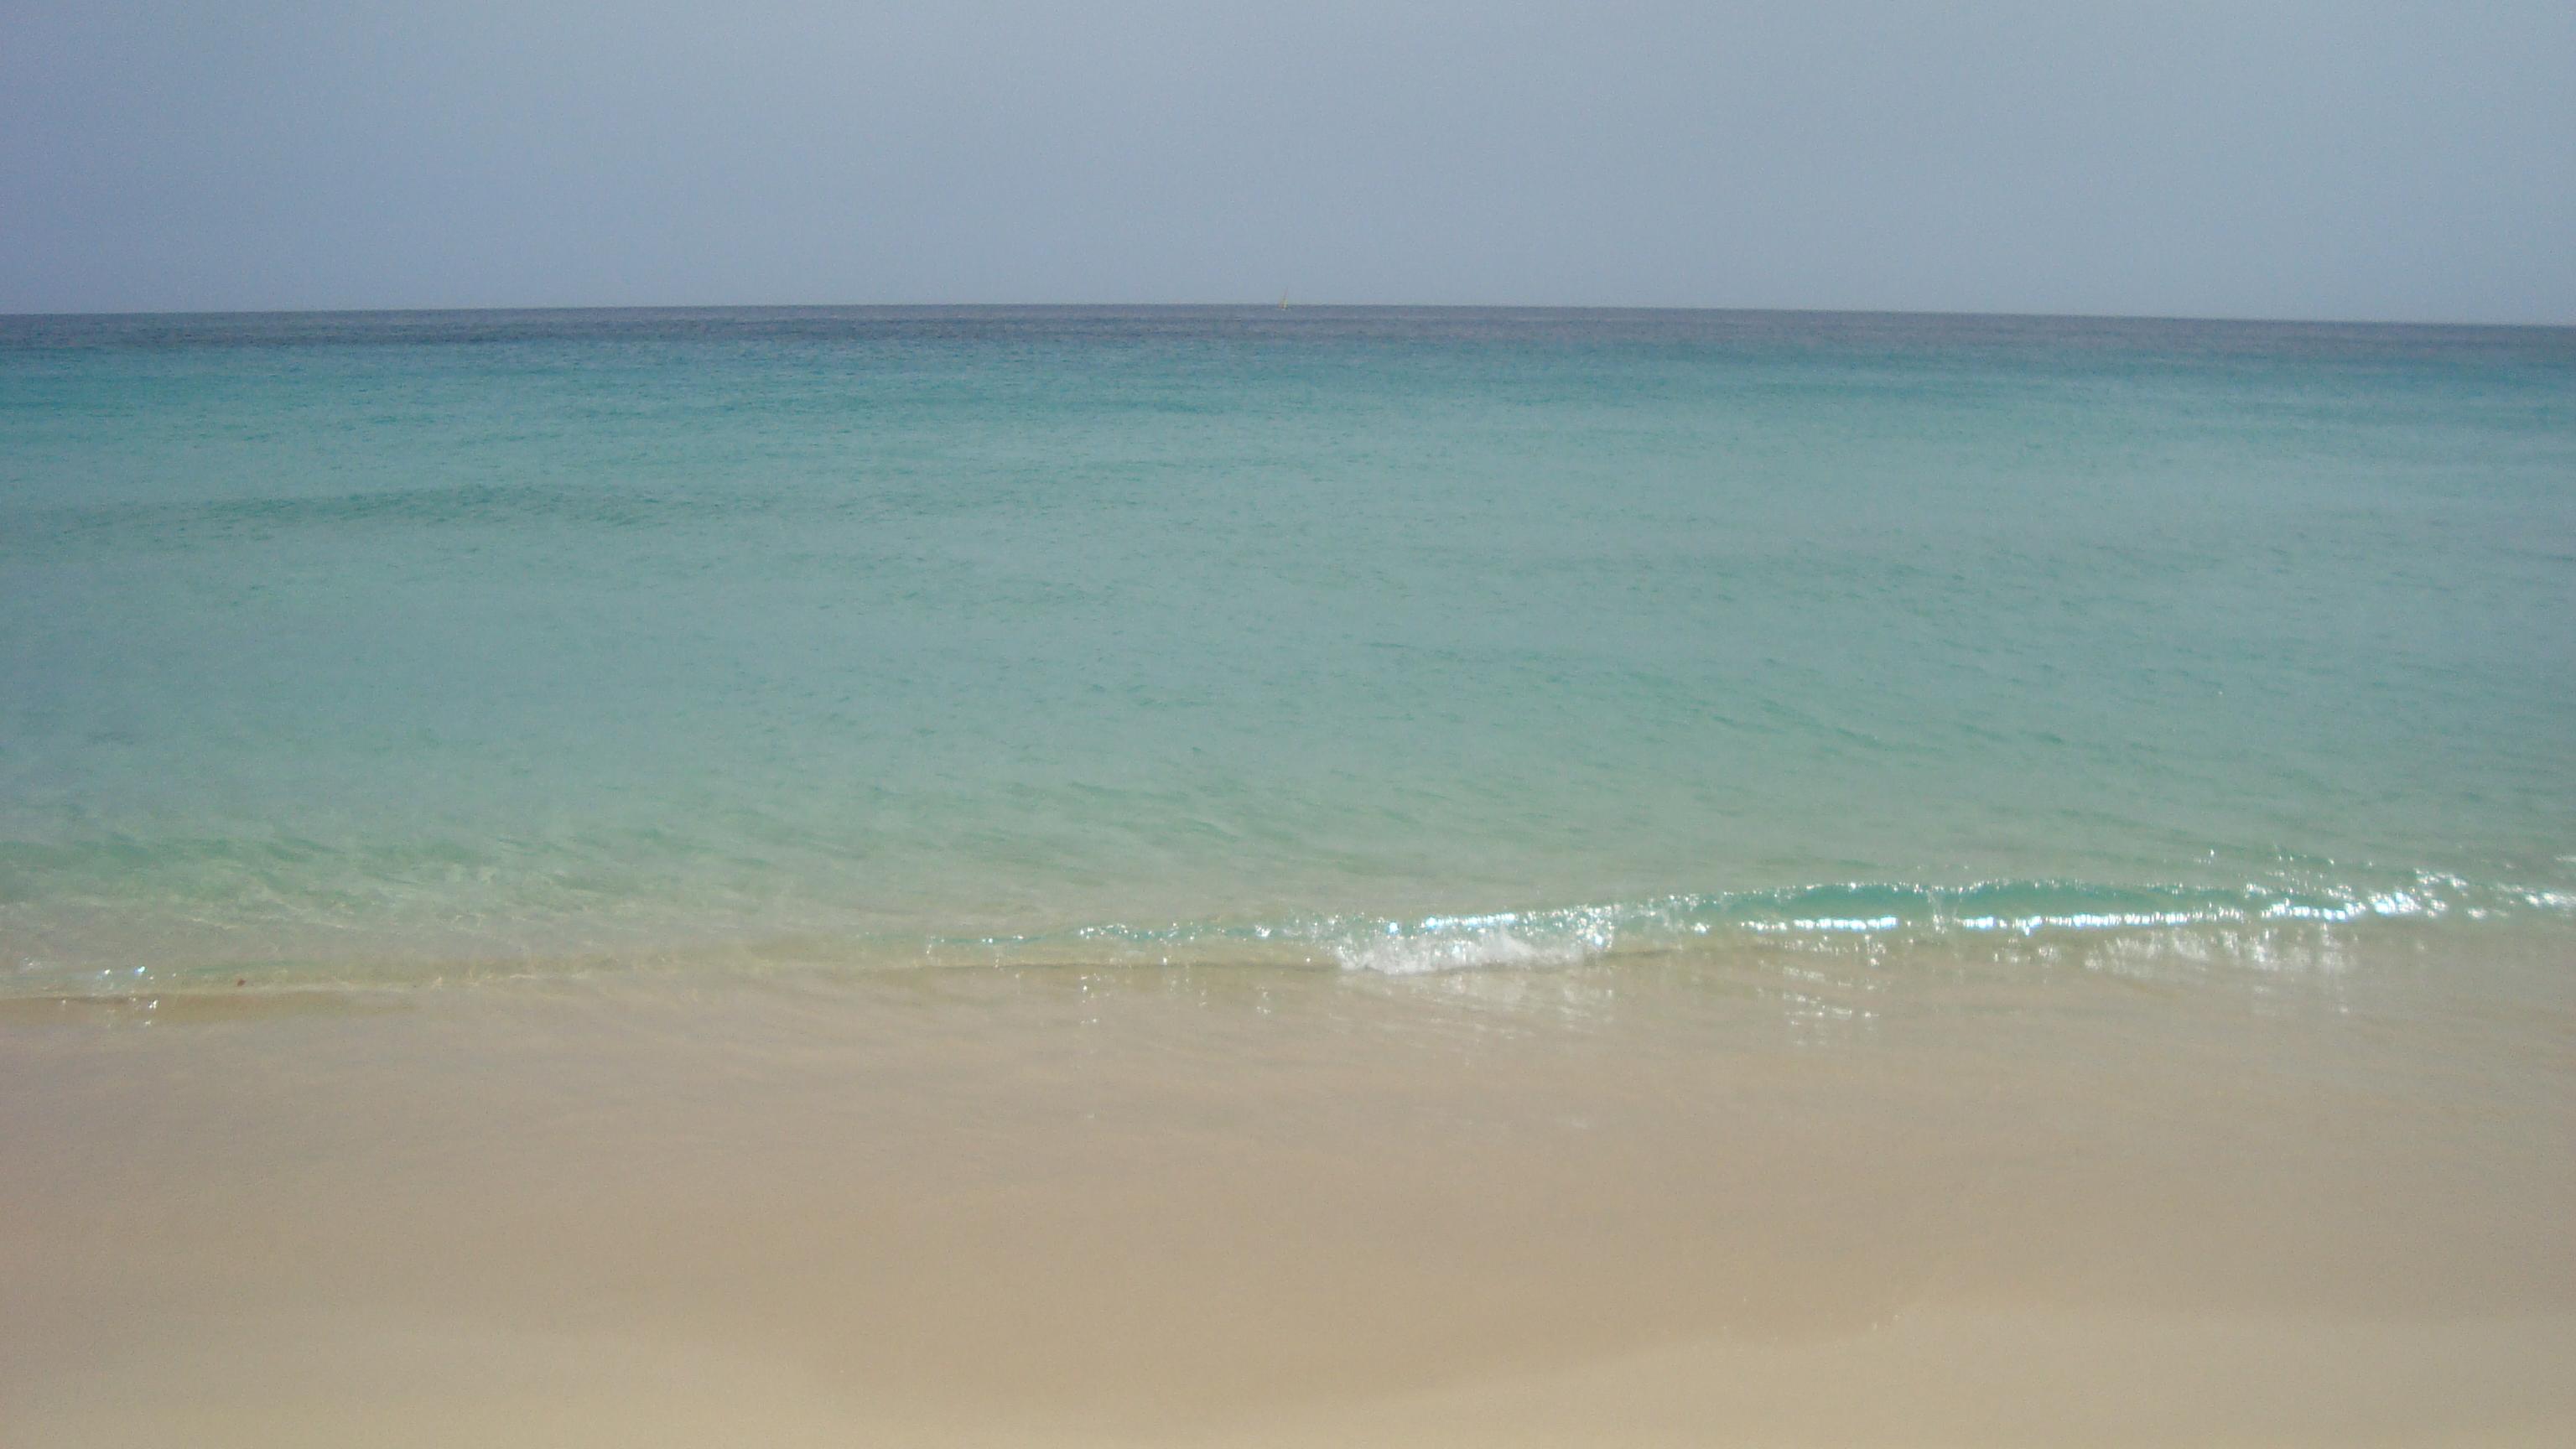 Playa de Morro Jable